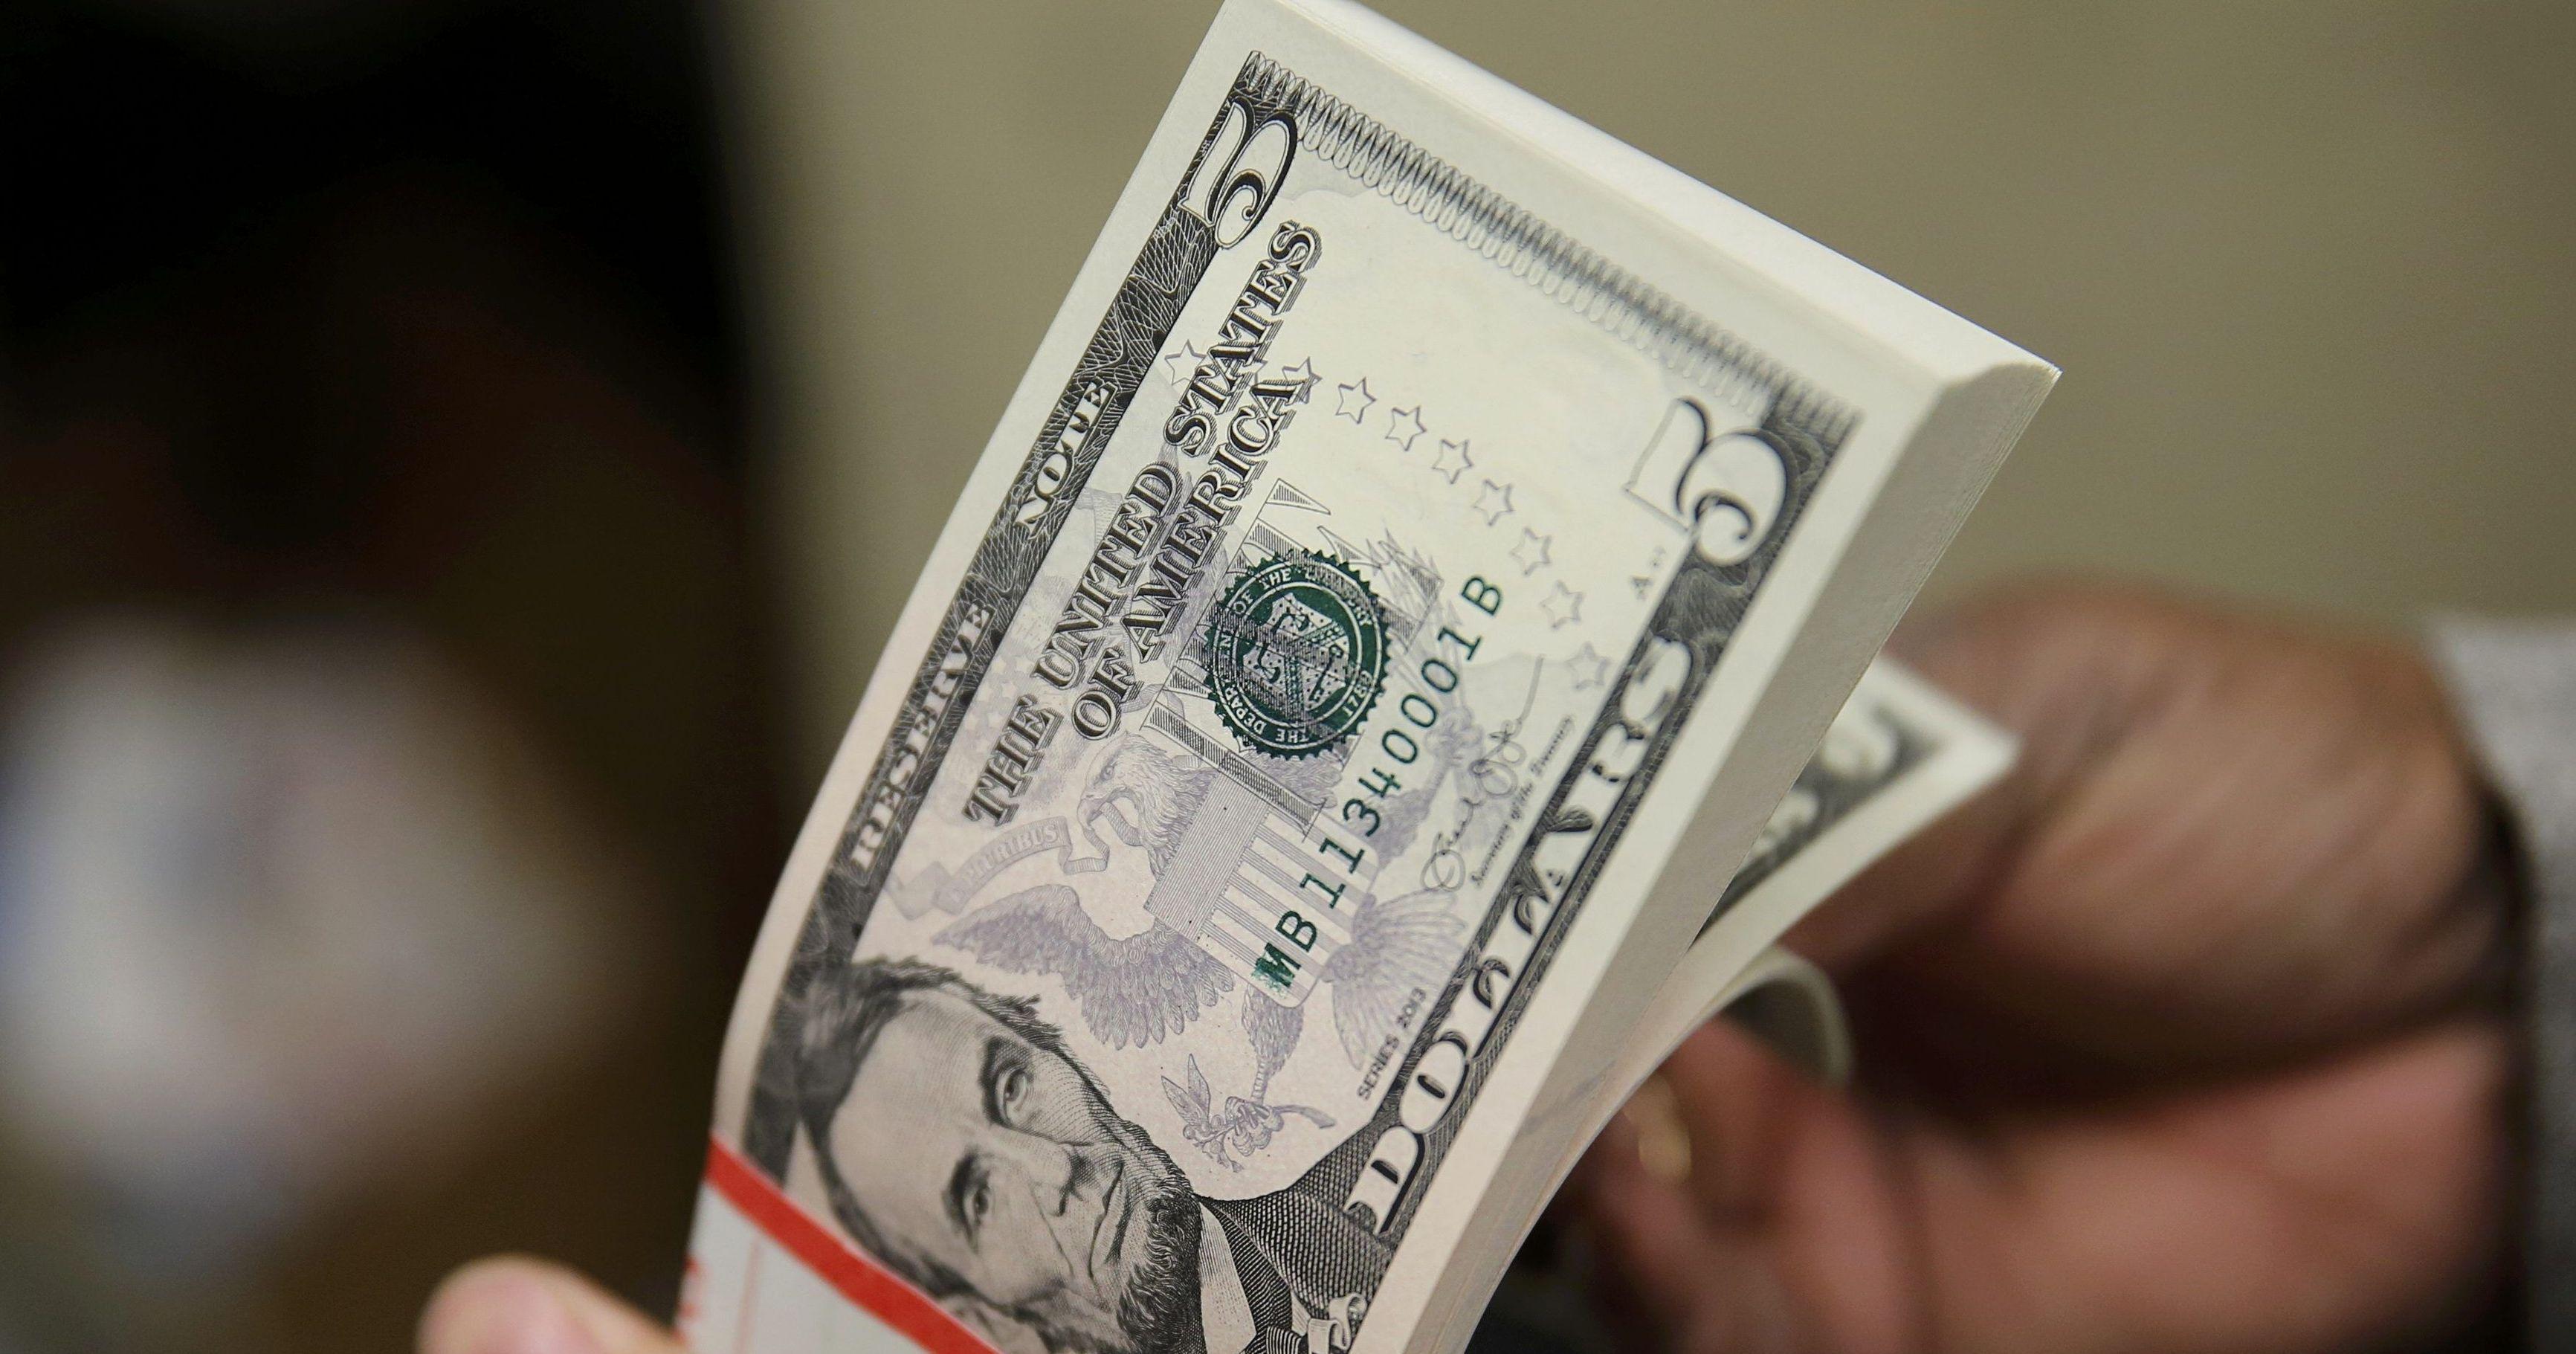 Експерти нагадали українцям головні правила поведінки при коливанні курсів валют